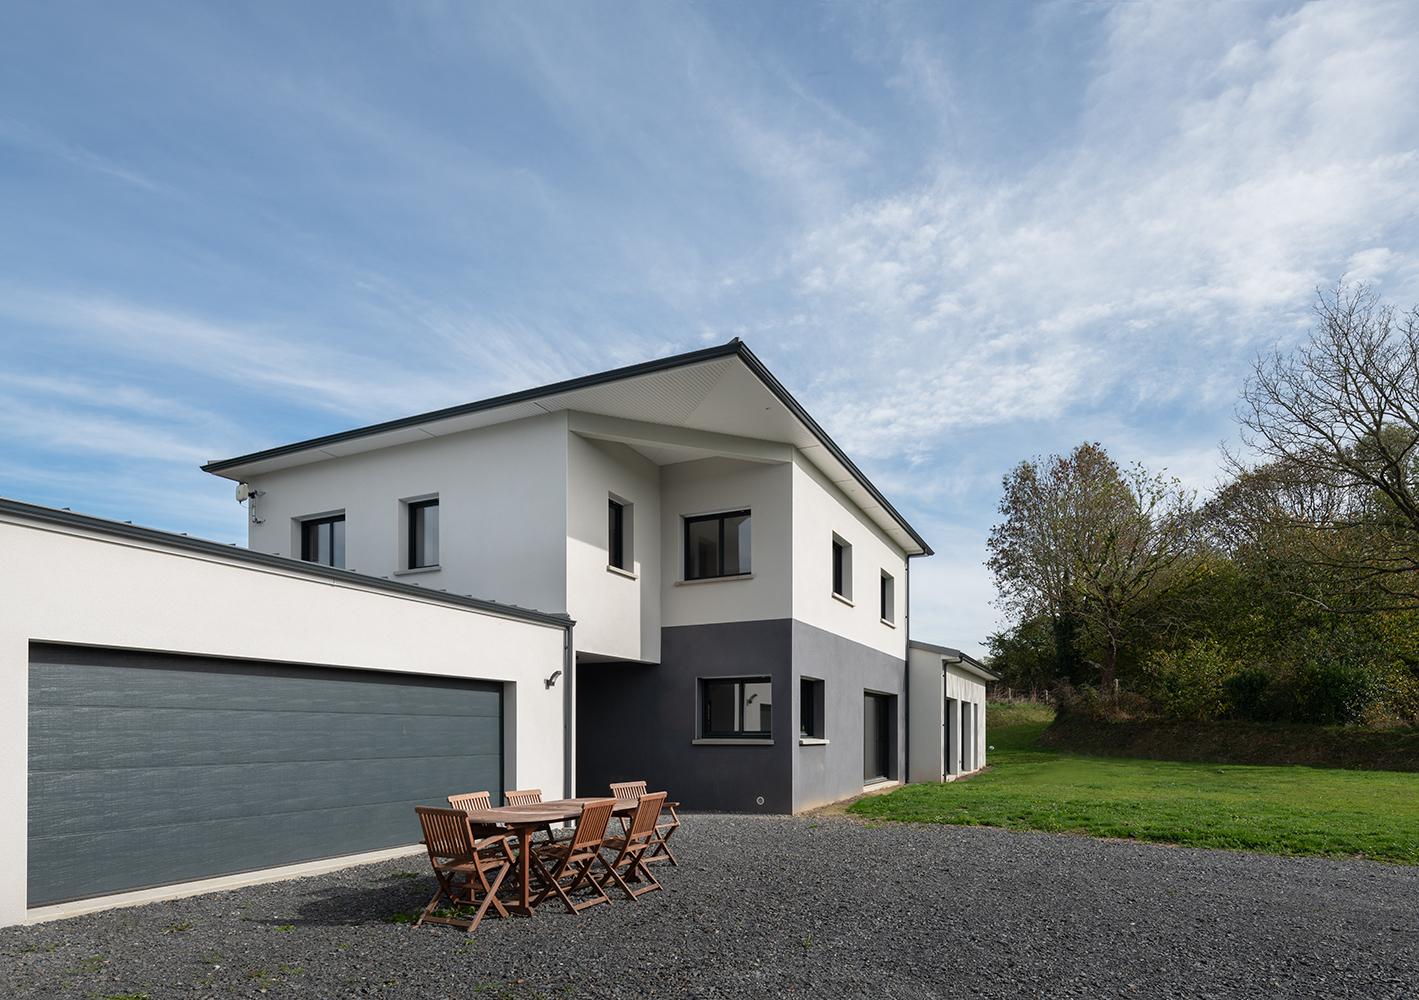 Maison Contemporaine-Baudre(proximité Saint Lo)-manche 50-DSC2388